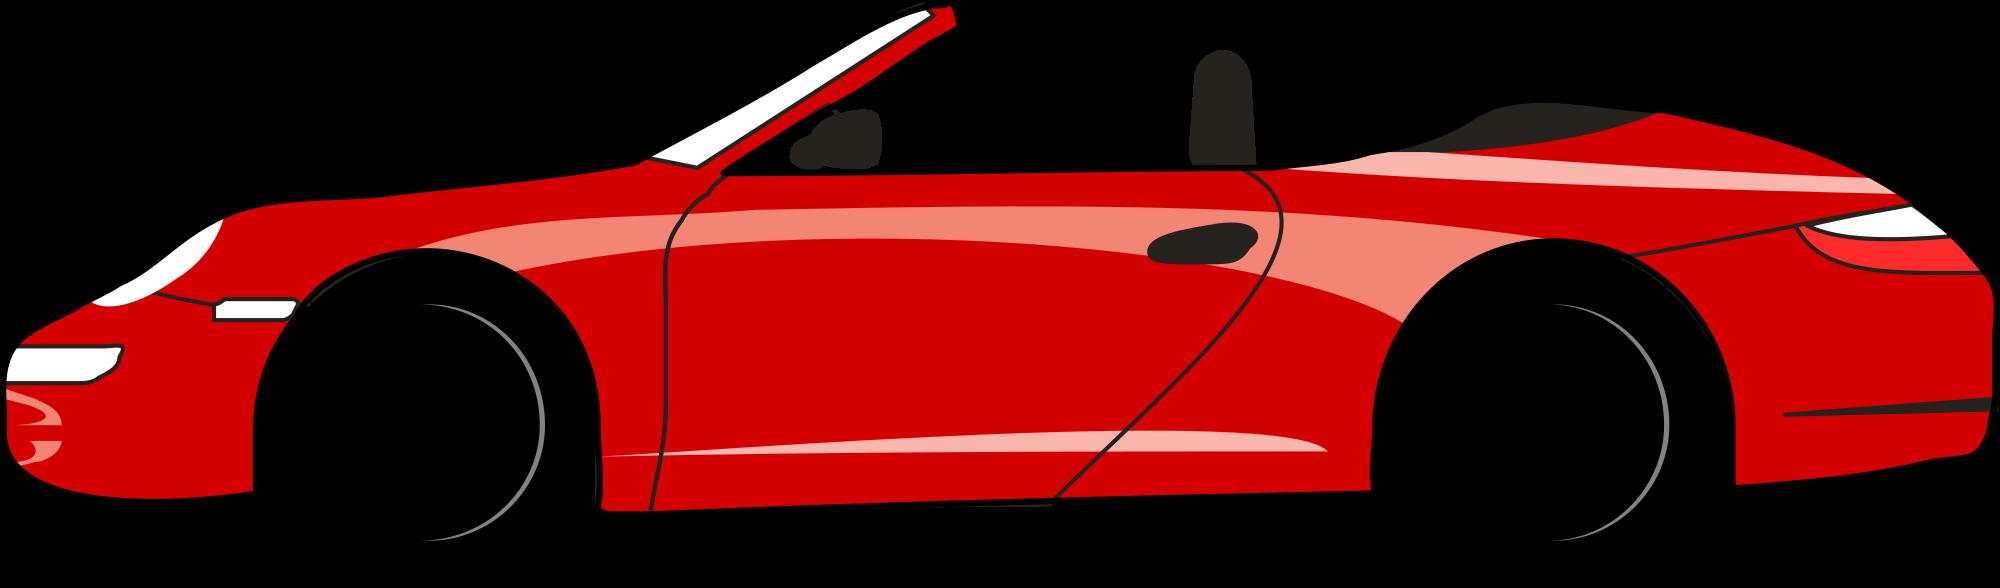 Car Clipart - clipartall